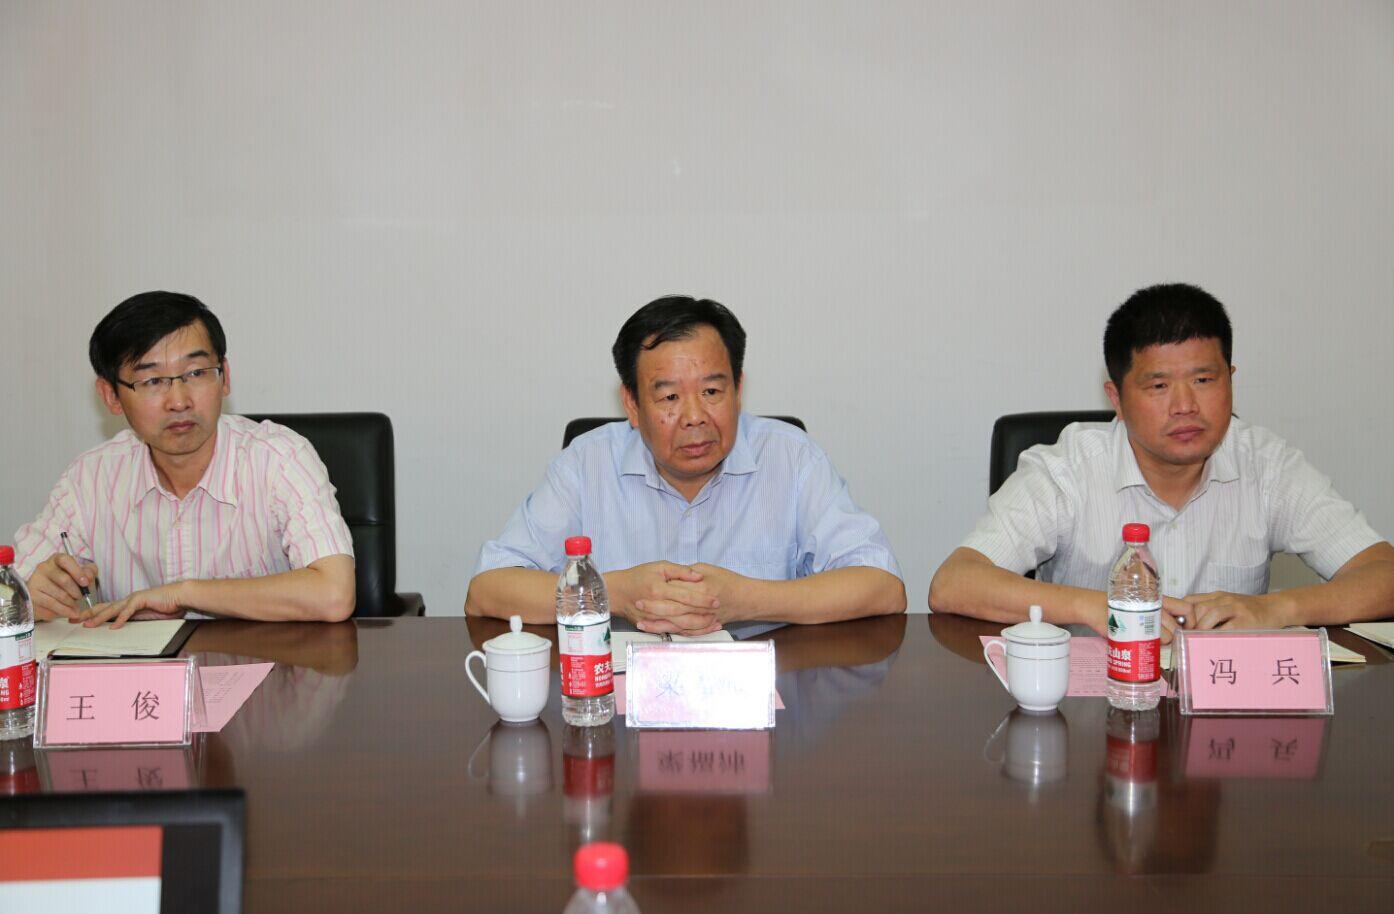 桂林理工大学副校长梁福沛一行来访-教务处